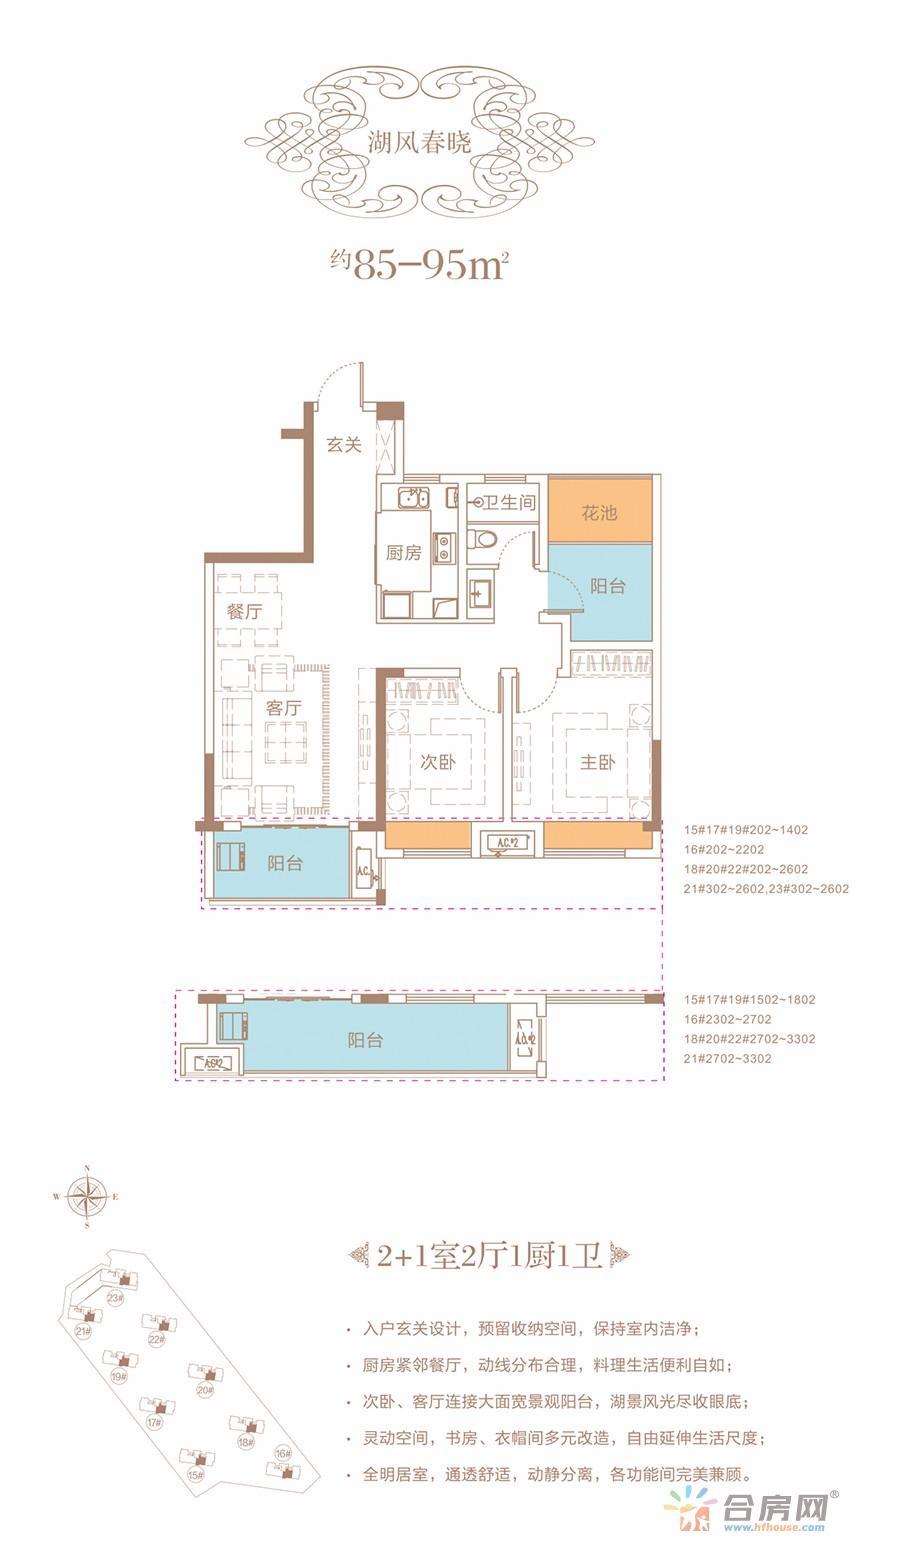 2+1室多变空间